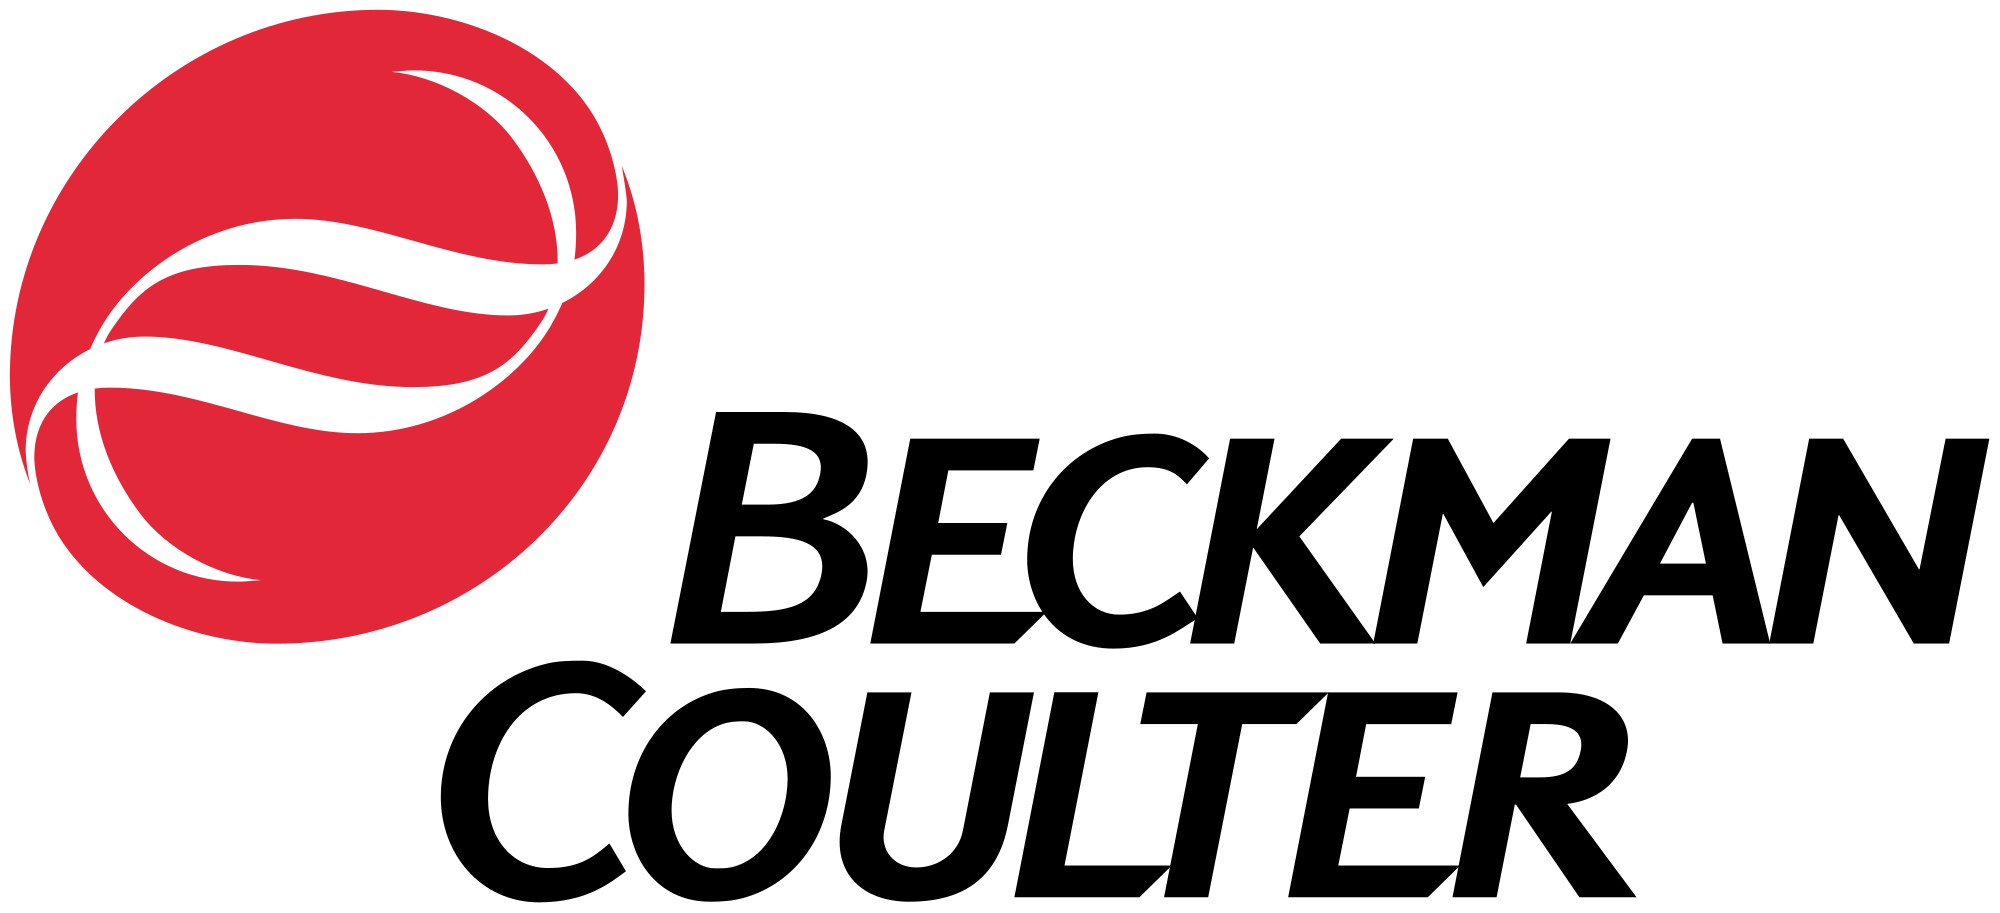 한국벡크만쿨터(주)의 기업로고